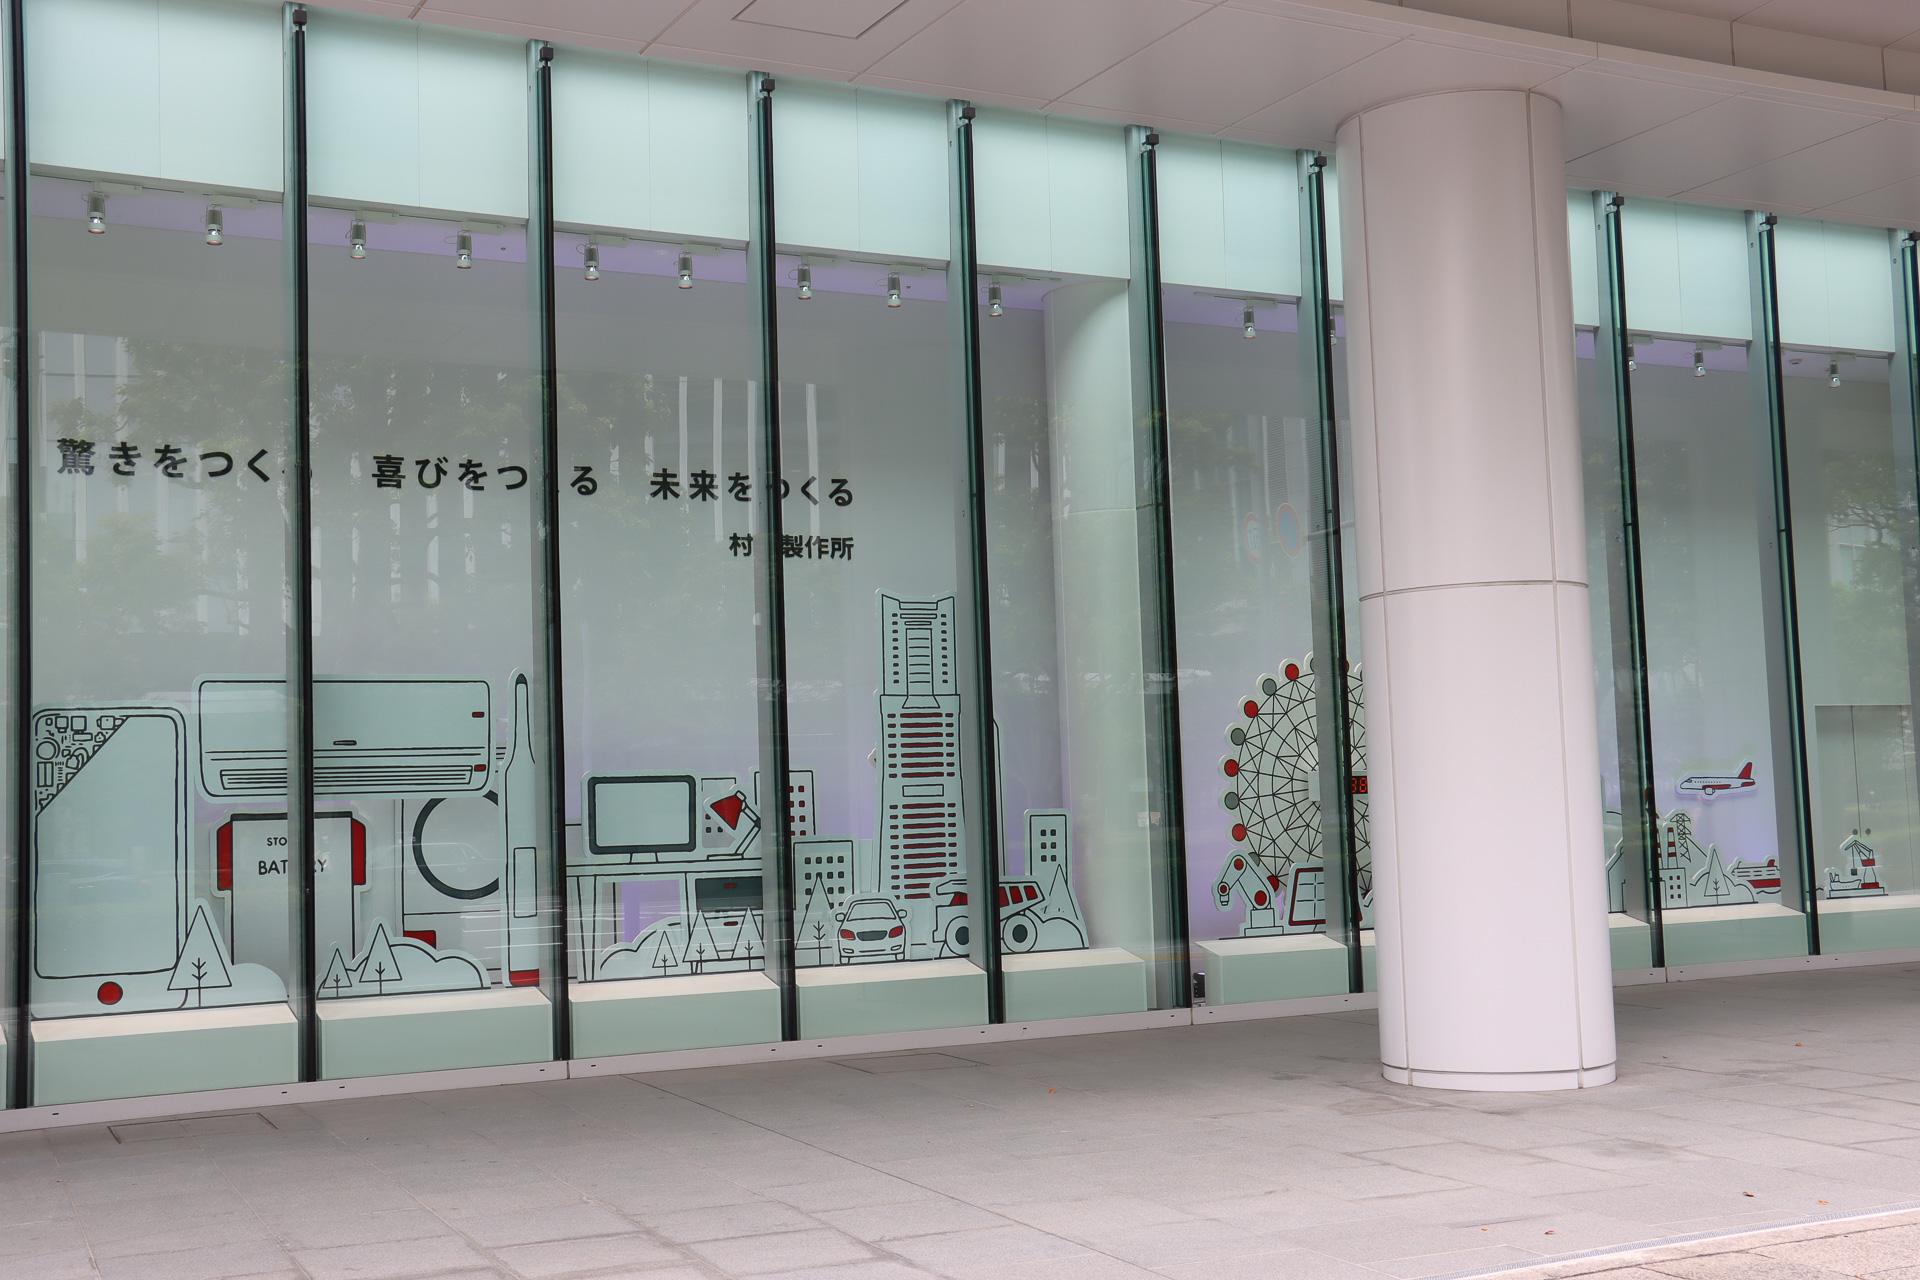 村田製作所 みなとみらいイノベーションセンターの外観